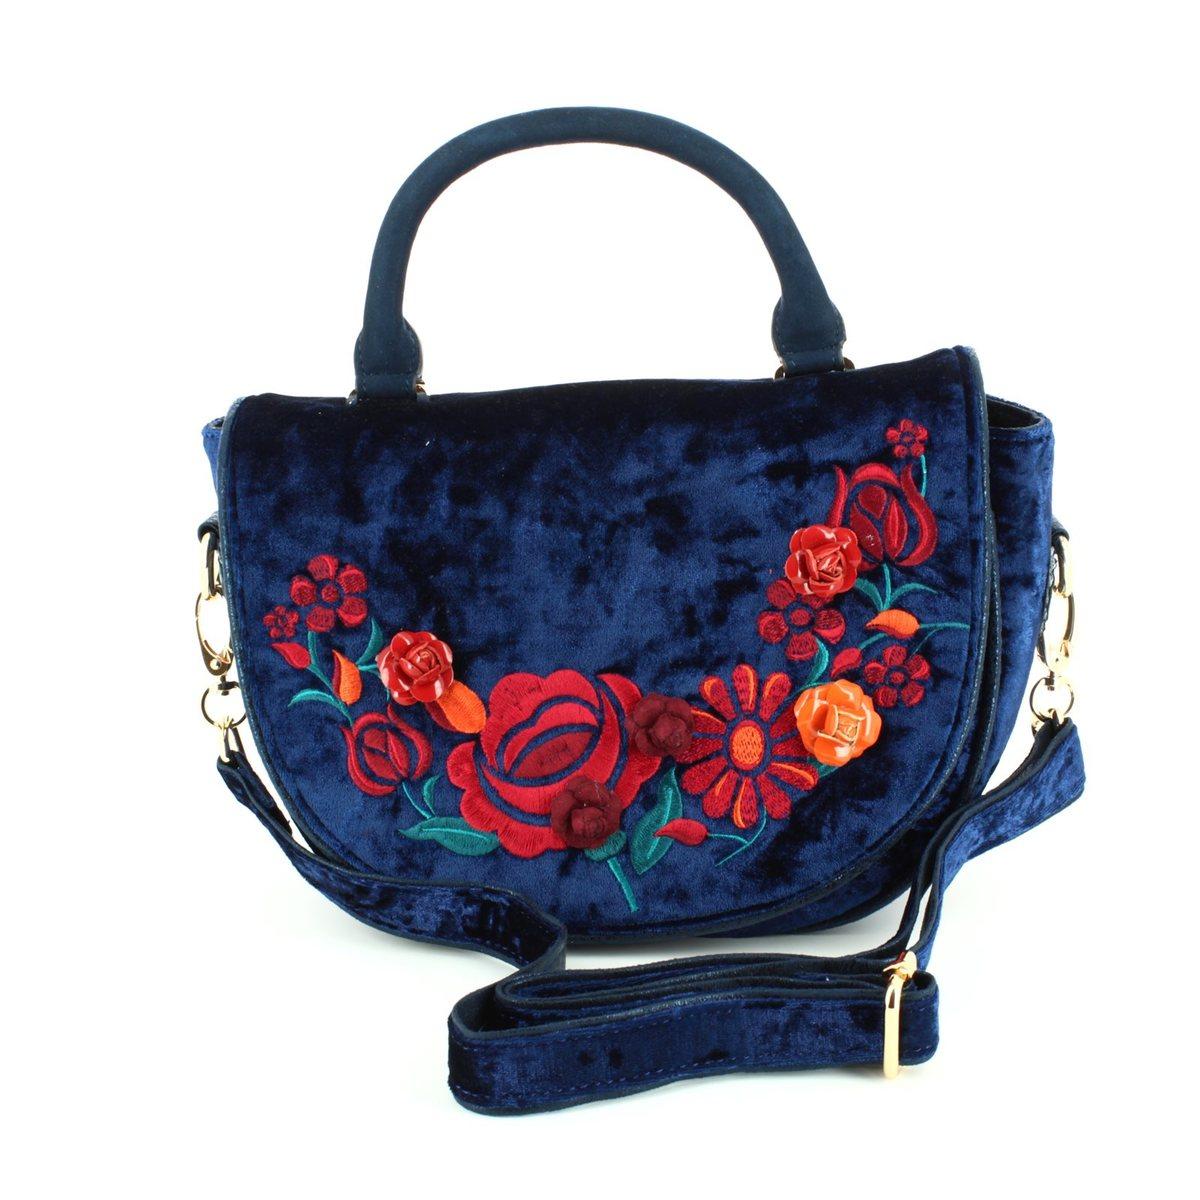 Handbag Navy Blanca Bag Irregular Casa Choice Matching FTl1JKc